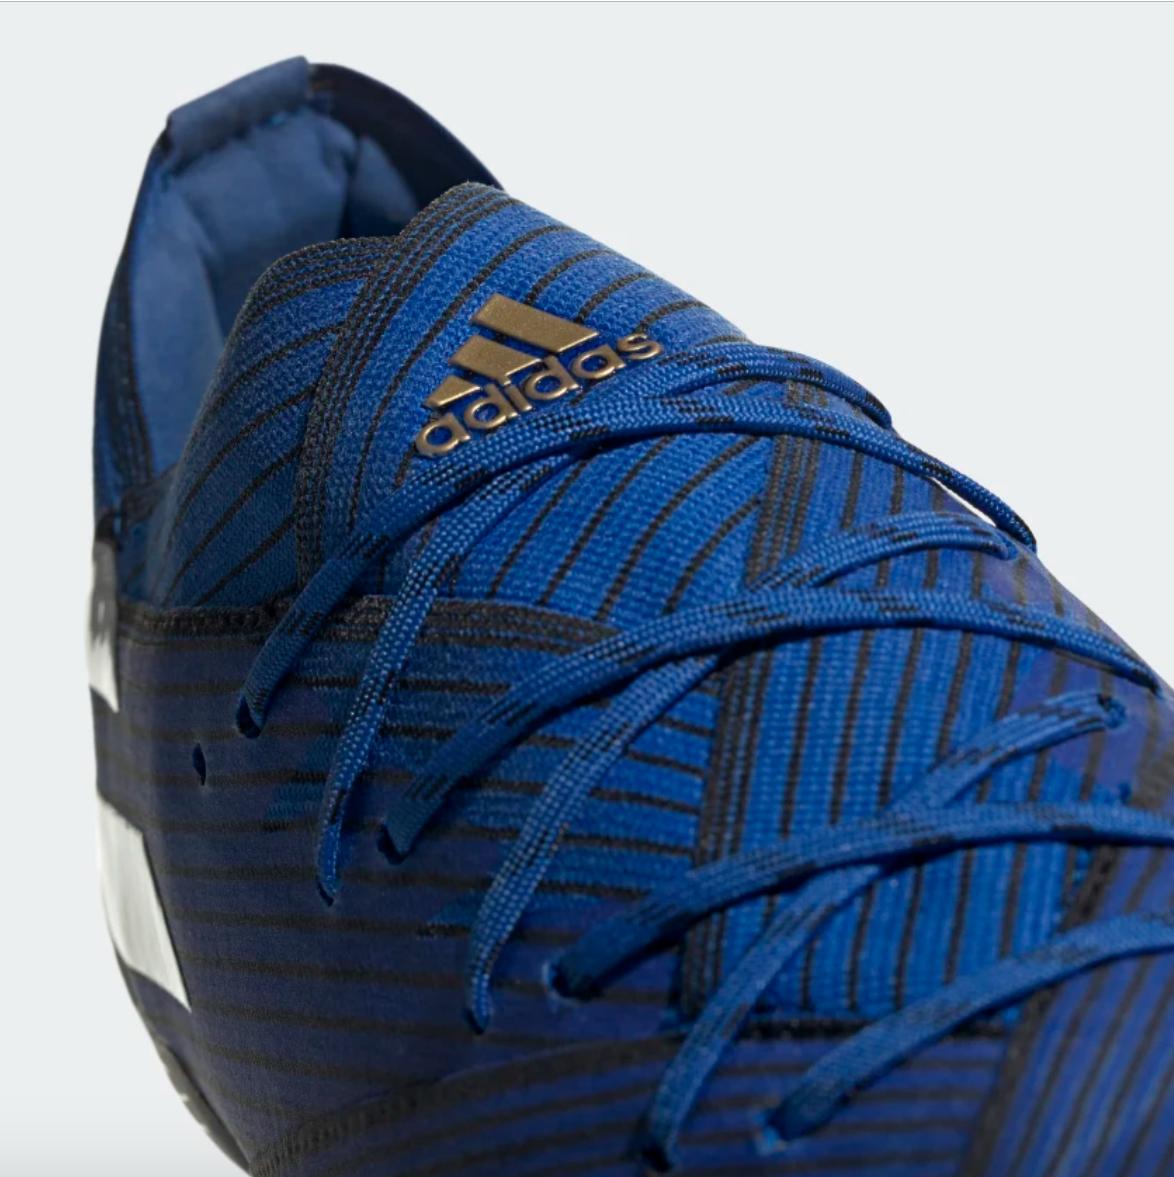 adidas-nemeziz-19-inner-game-8